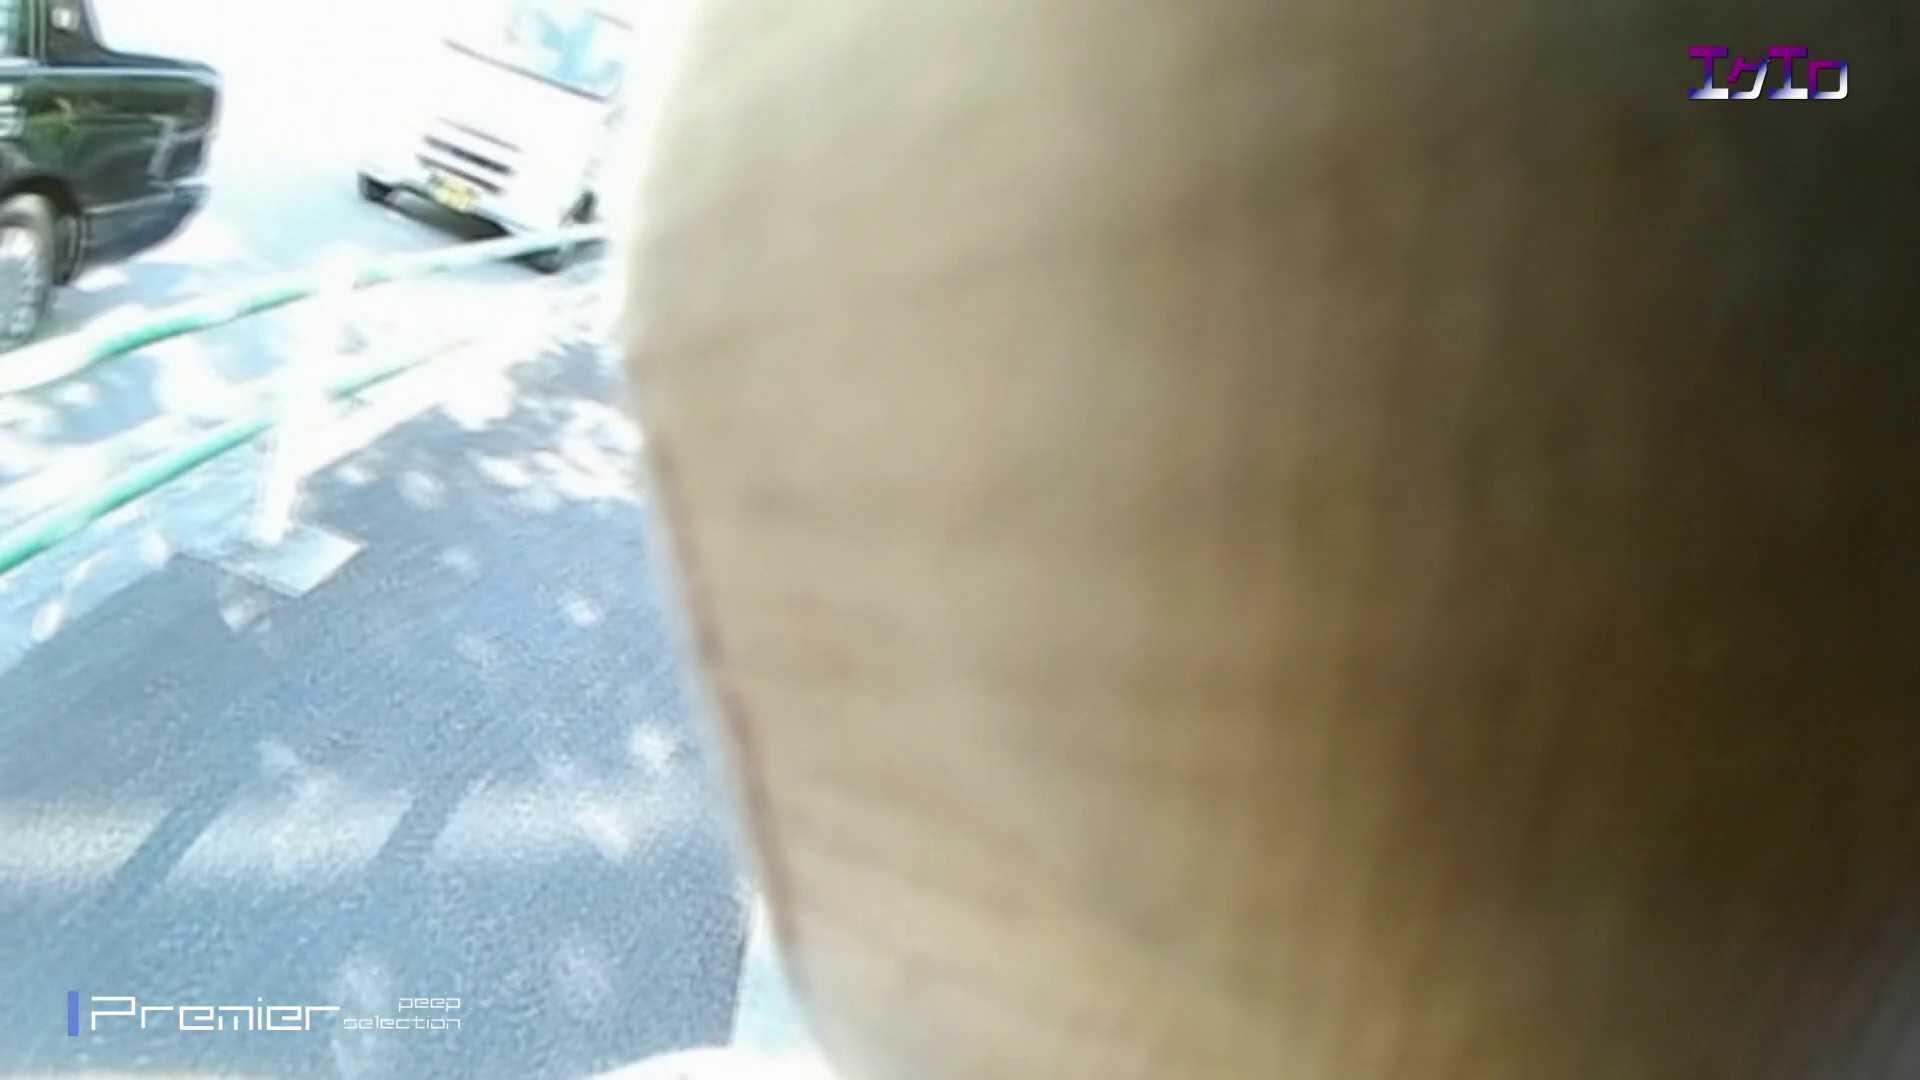 執念の撮影&追撮!!某女子校の通学路にあるトイレ 至近距離洗面所 Vol.16 リアルトイレ  101Pix 97